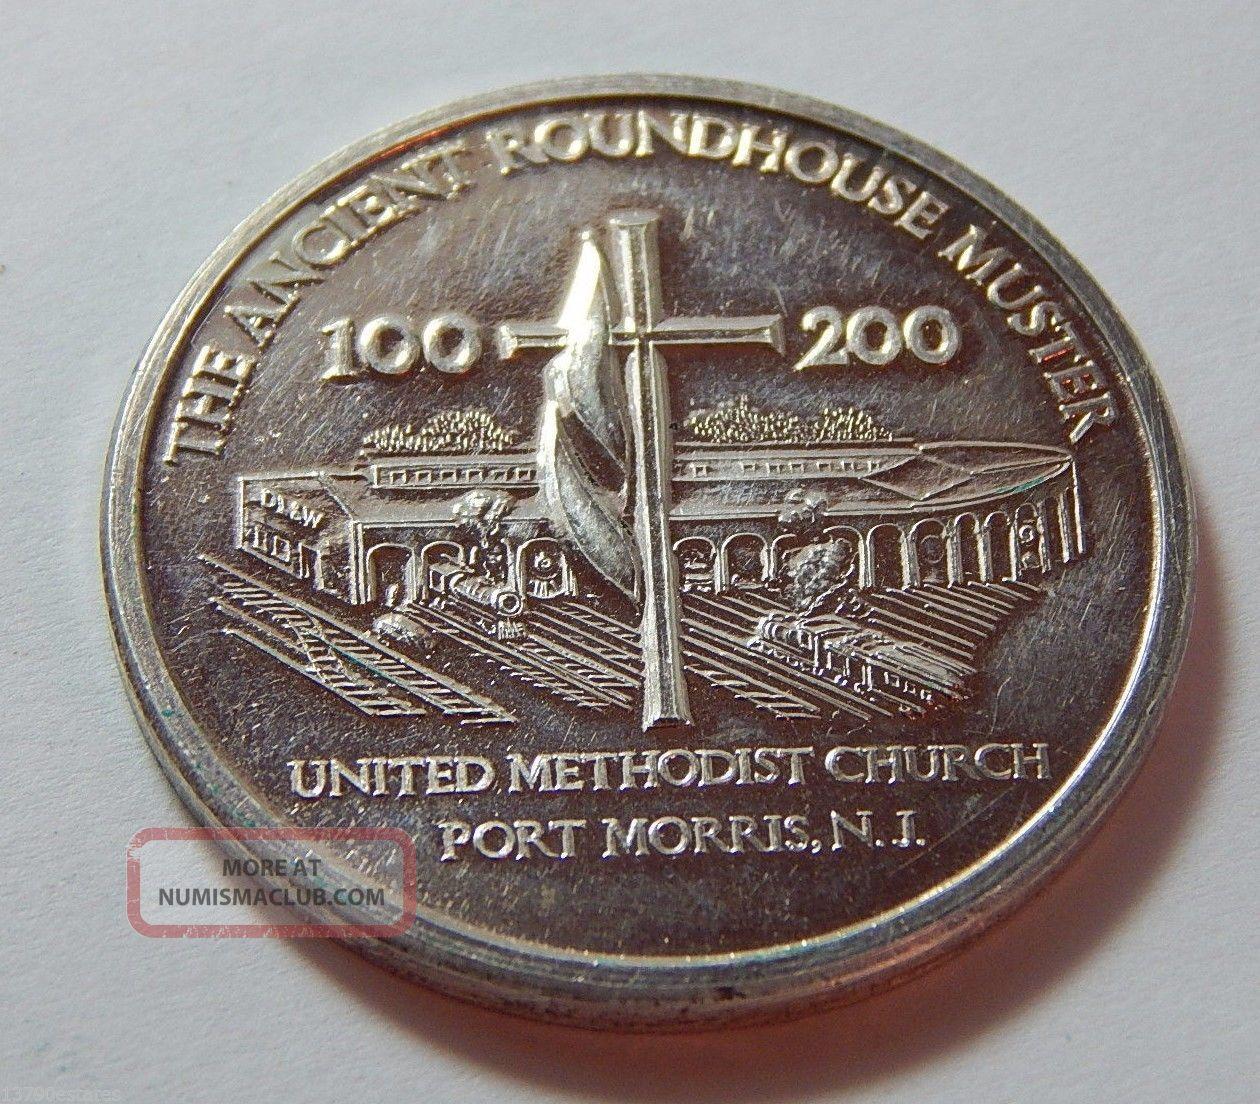 1976 Silver Port Morris Nj United Methodist Church Ancient Roundhouse Token Exonumia photo